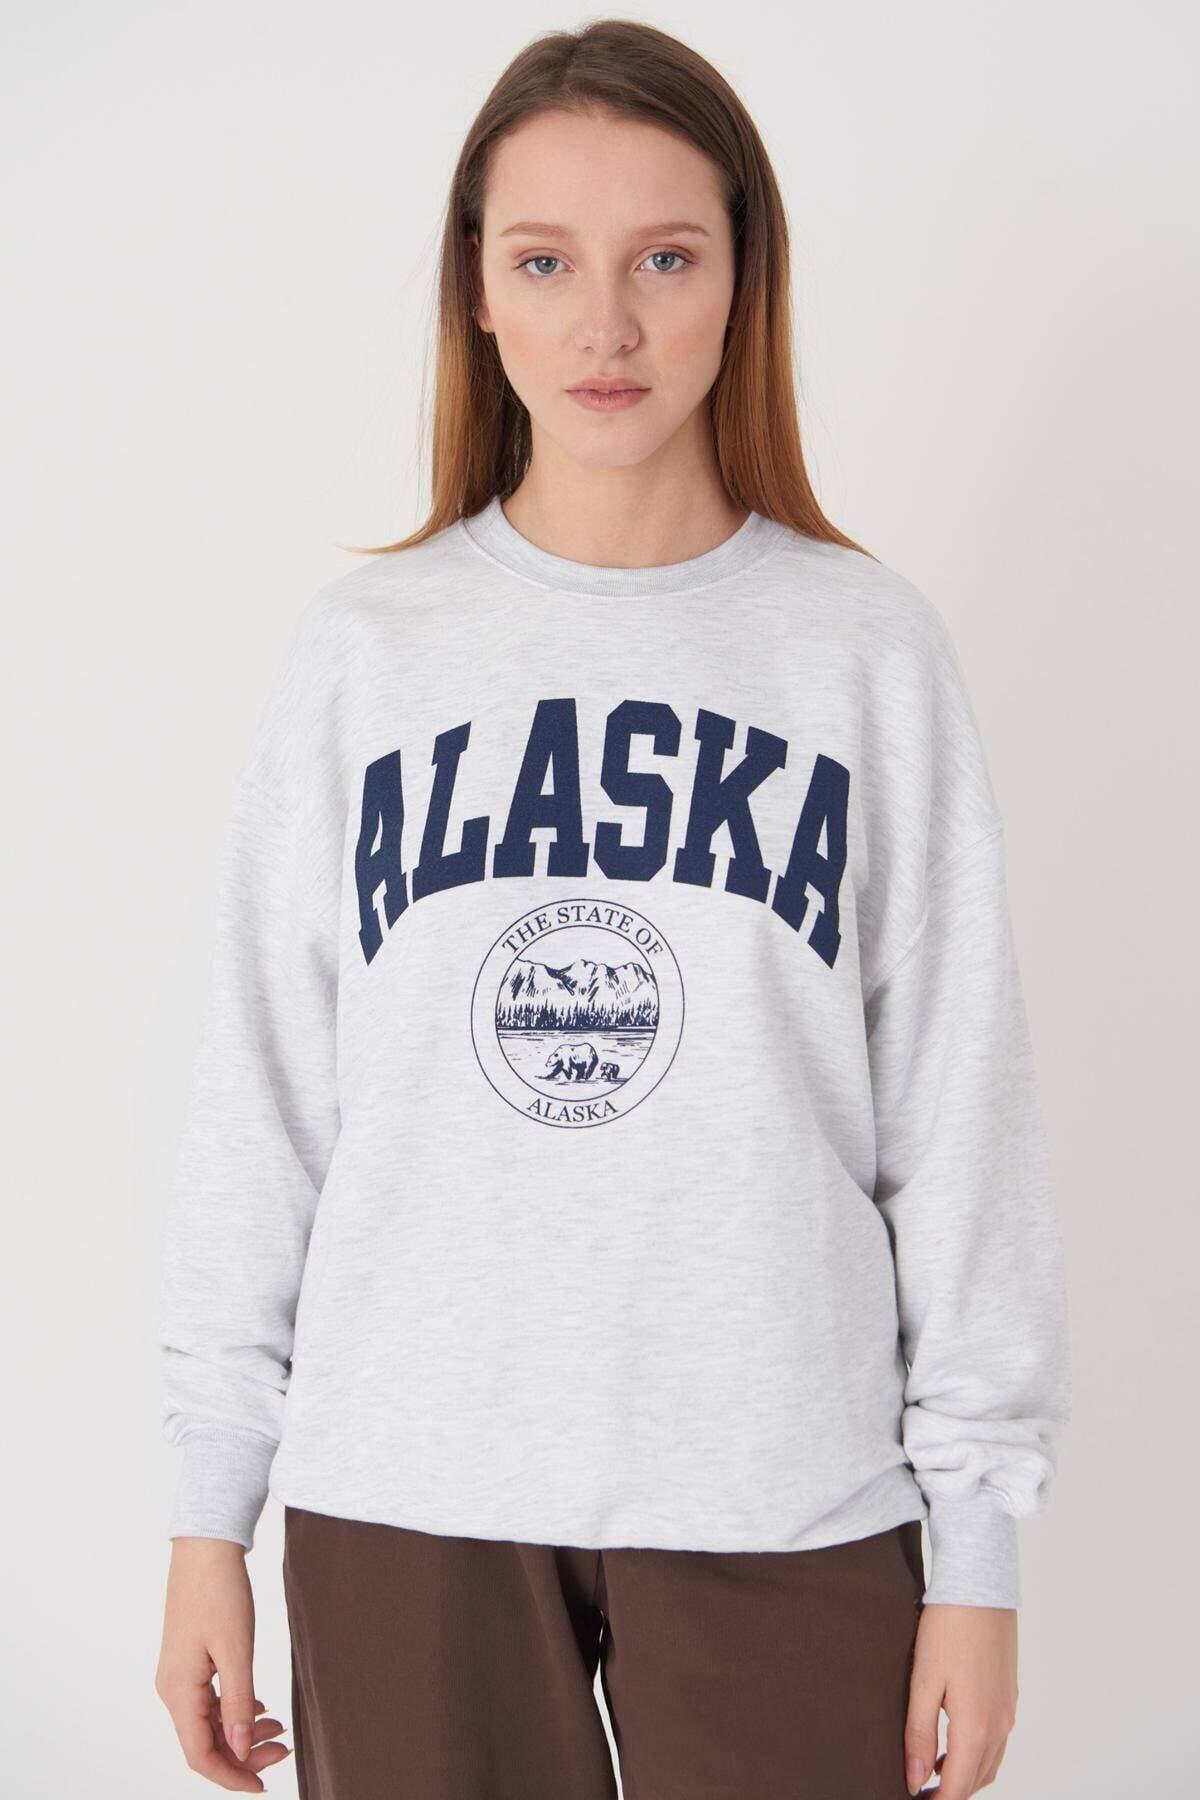 Addax Kadın Kar Melanj Baskılı Sweatshirt S9516 - W4 Adx-0000023575 1